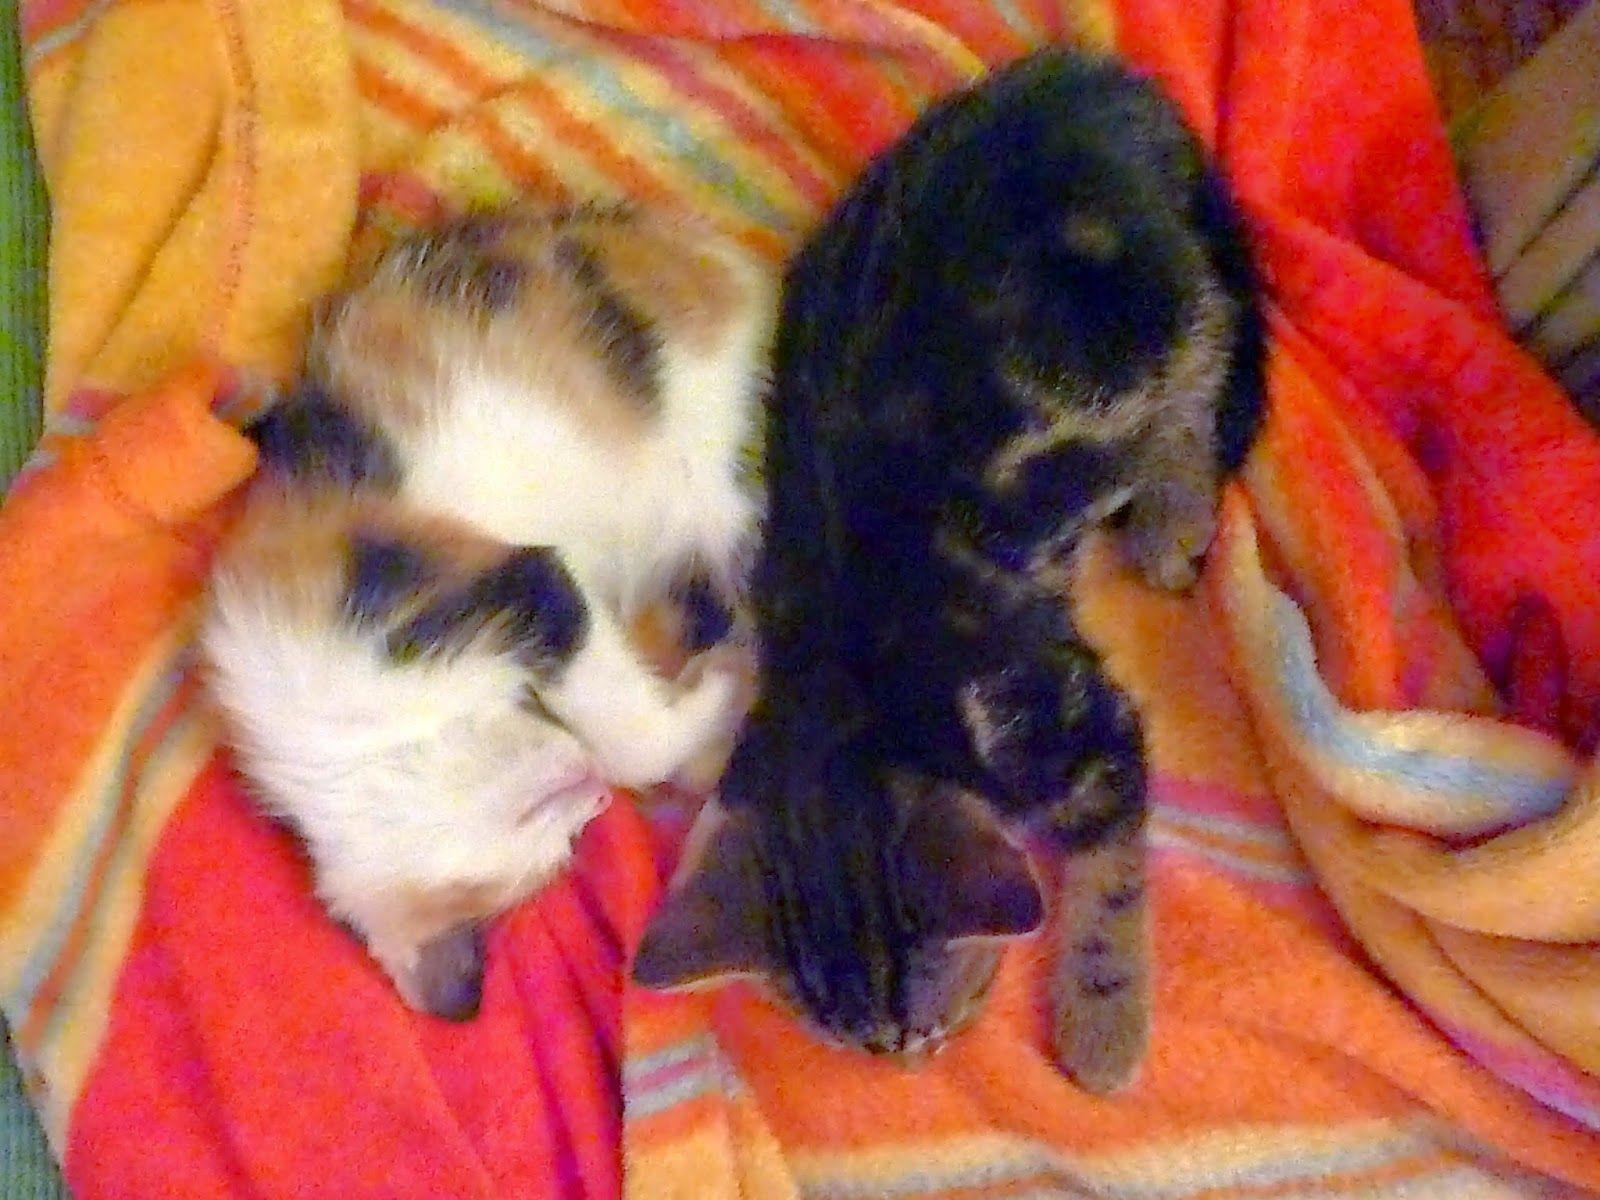 Habl Katzen - Cats finest: Das Leben an und für sich selbst